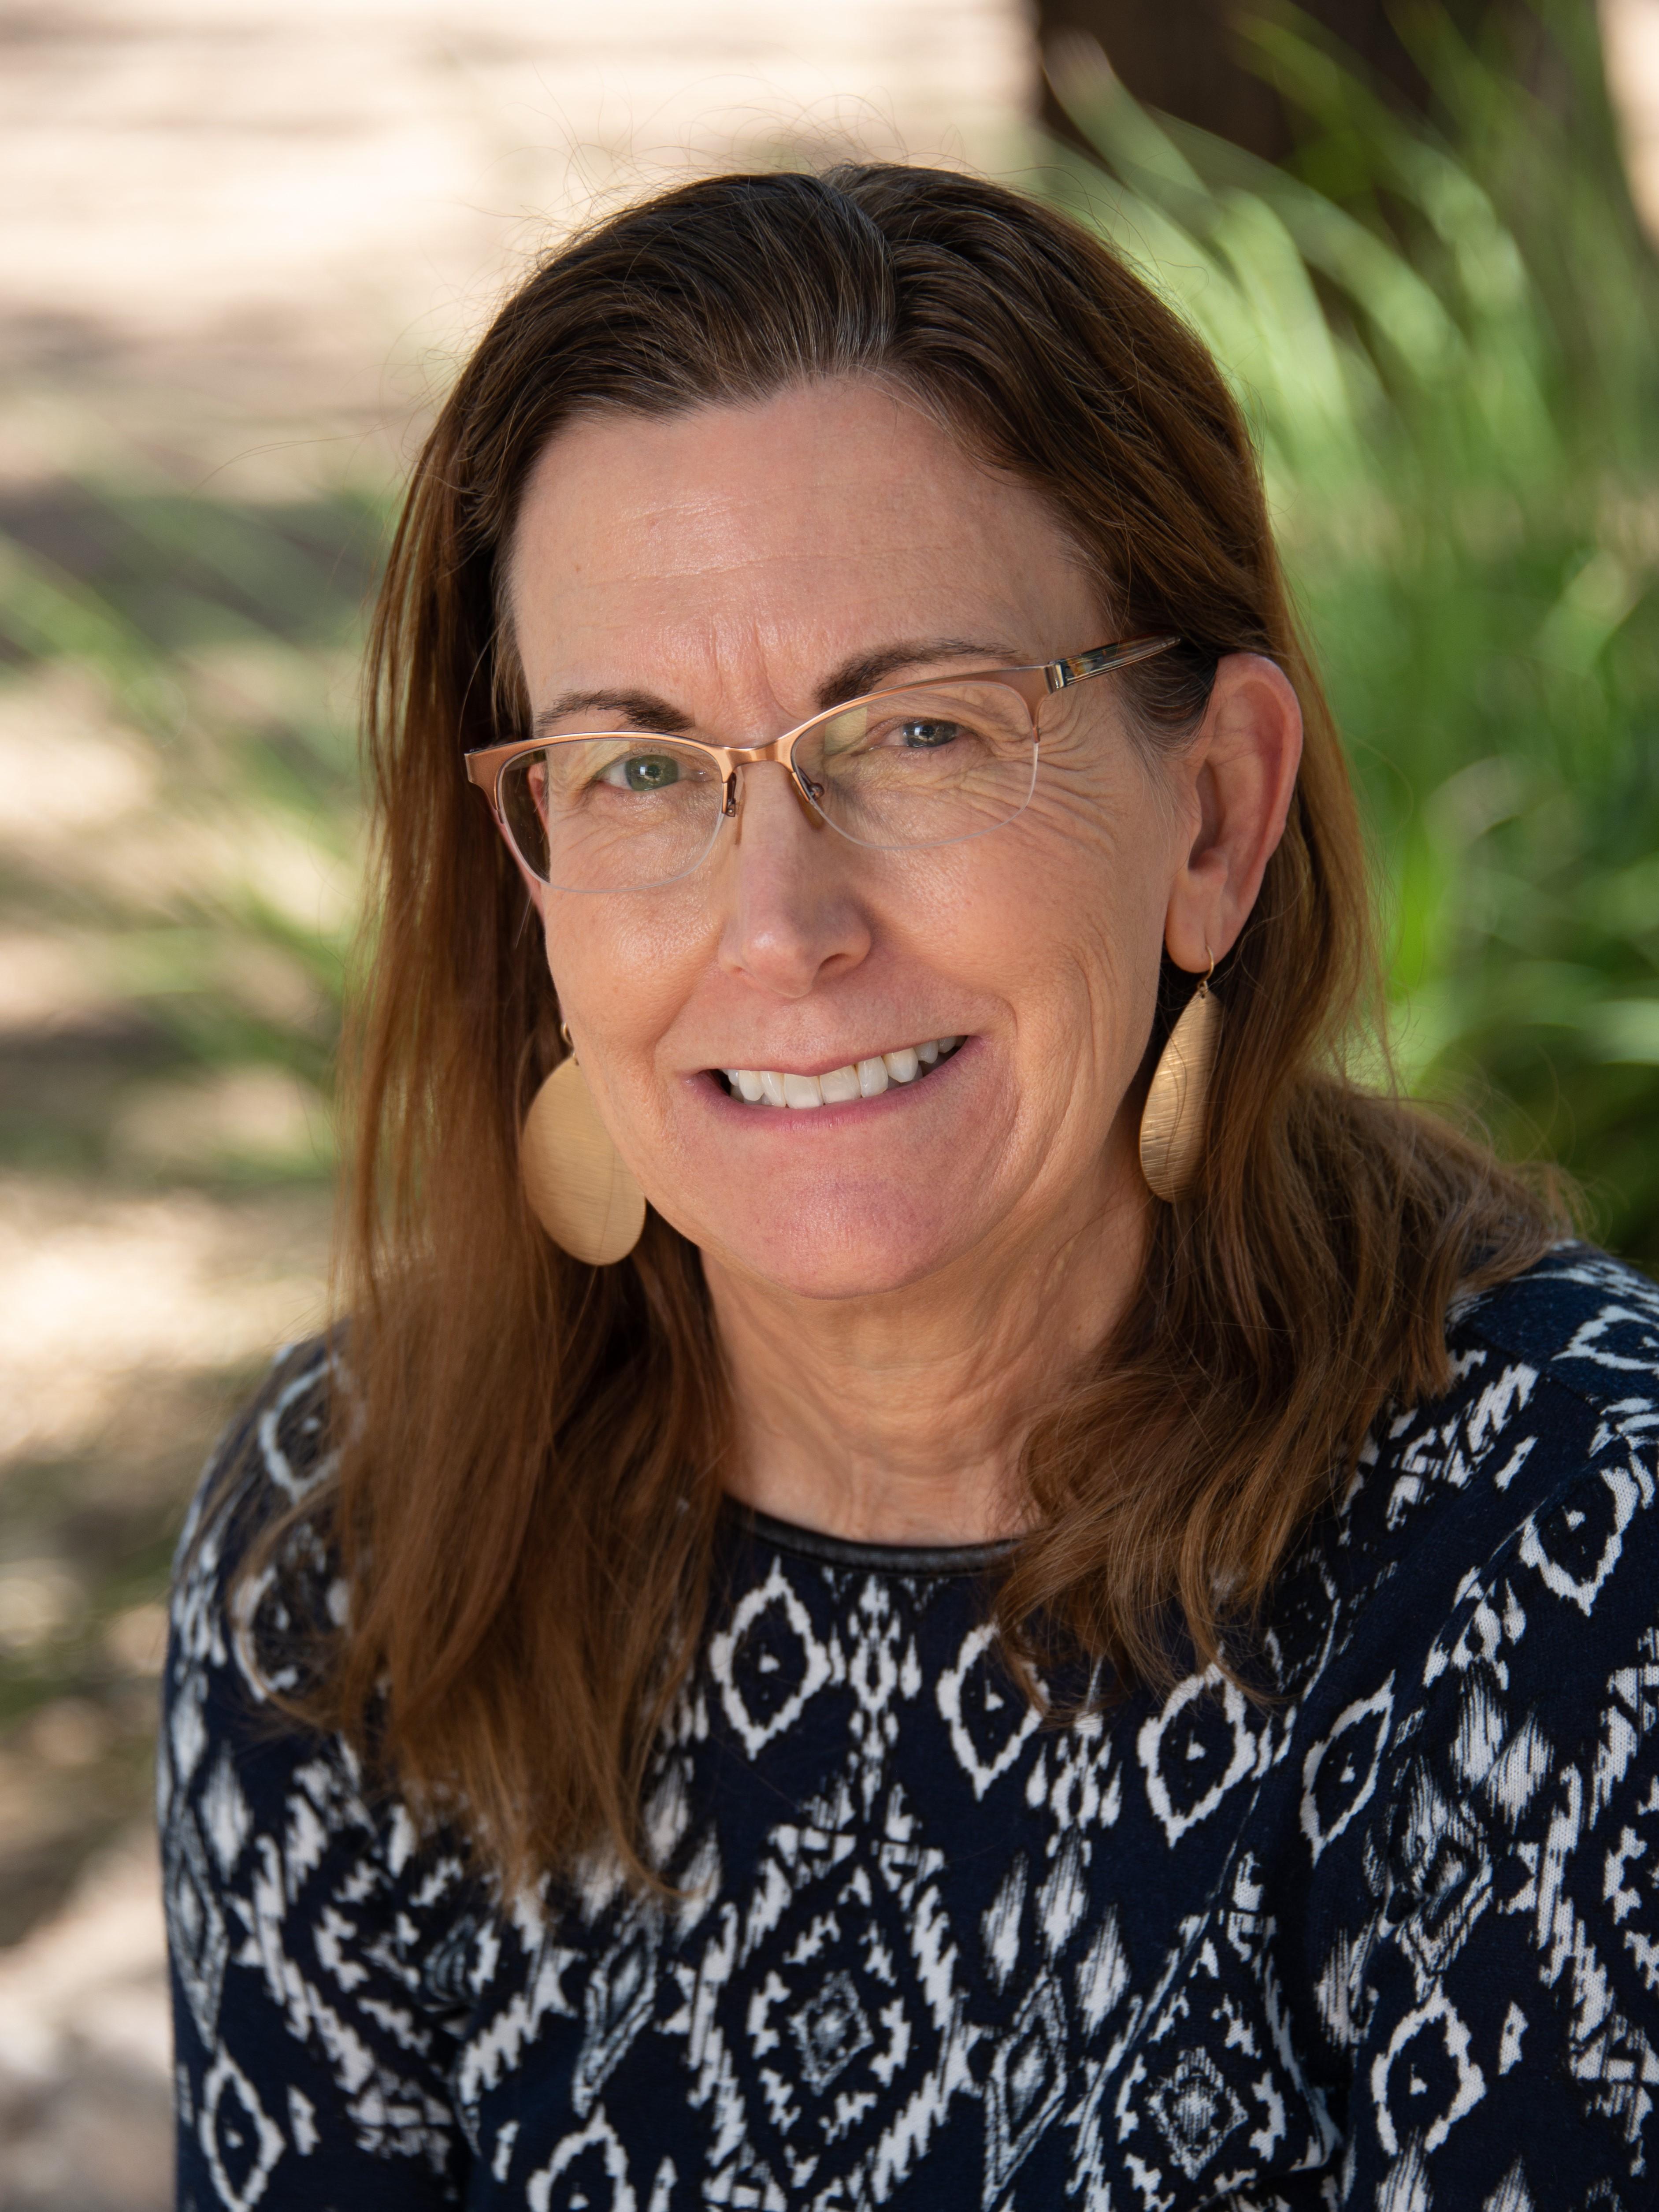 Julie Korkosz